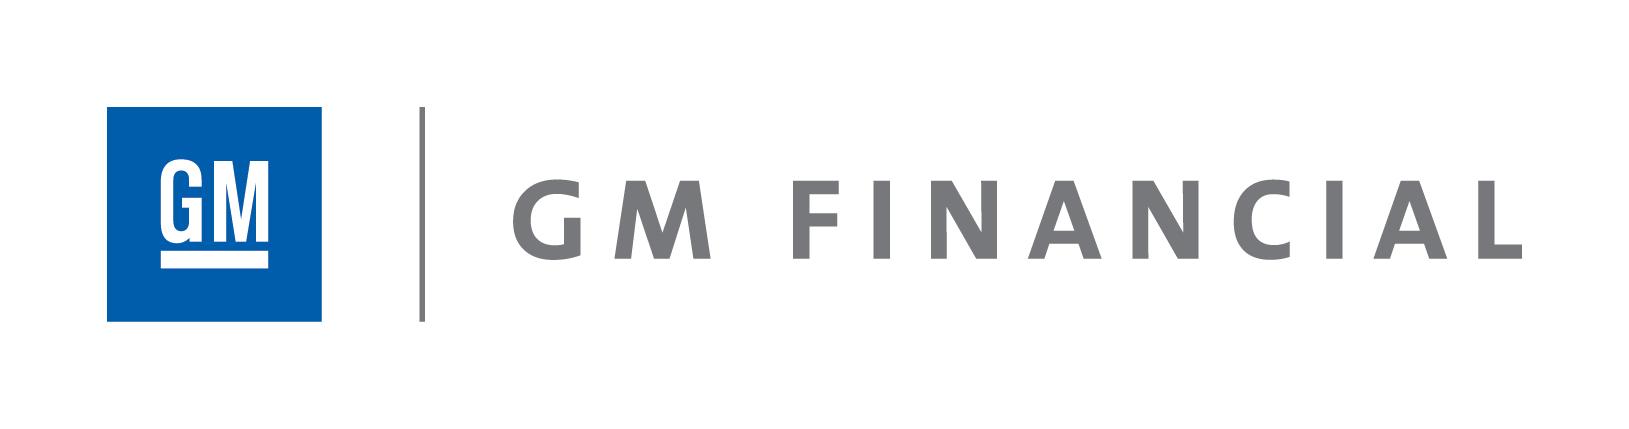 GMFinancial-4c.jpg